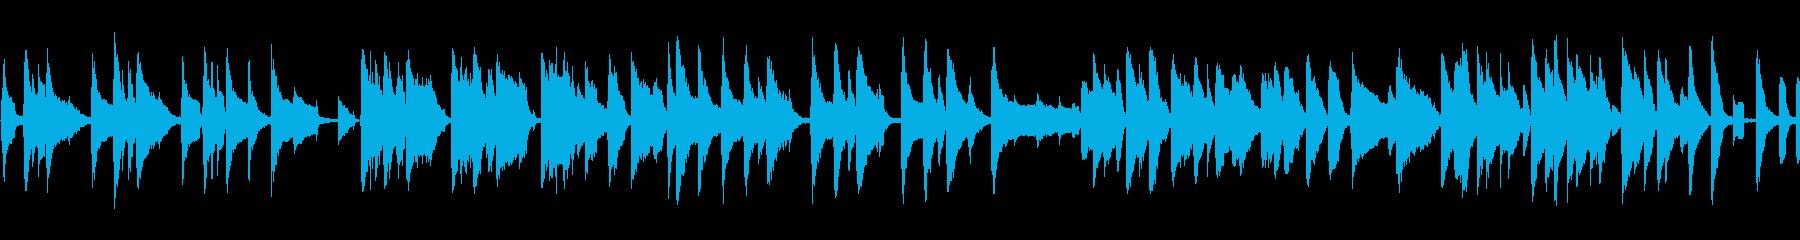 Cartoon ピアノ 木琴 バン...の再生済みの波形